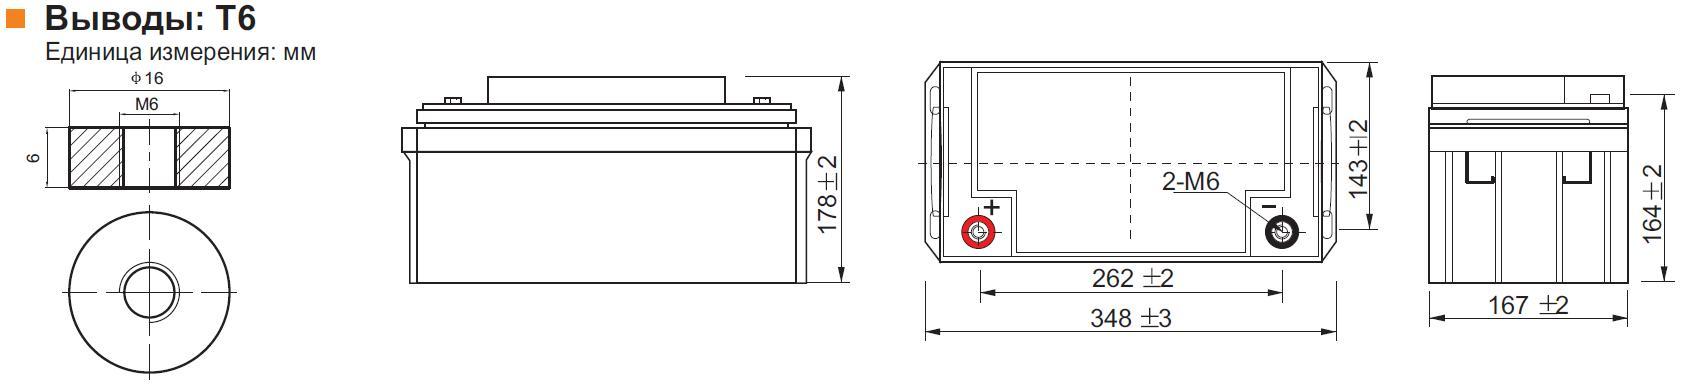 Габариты и тип клемм аккумулятора Leoch DJM 1265